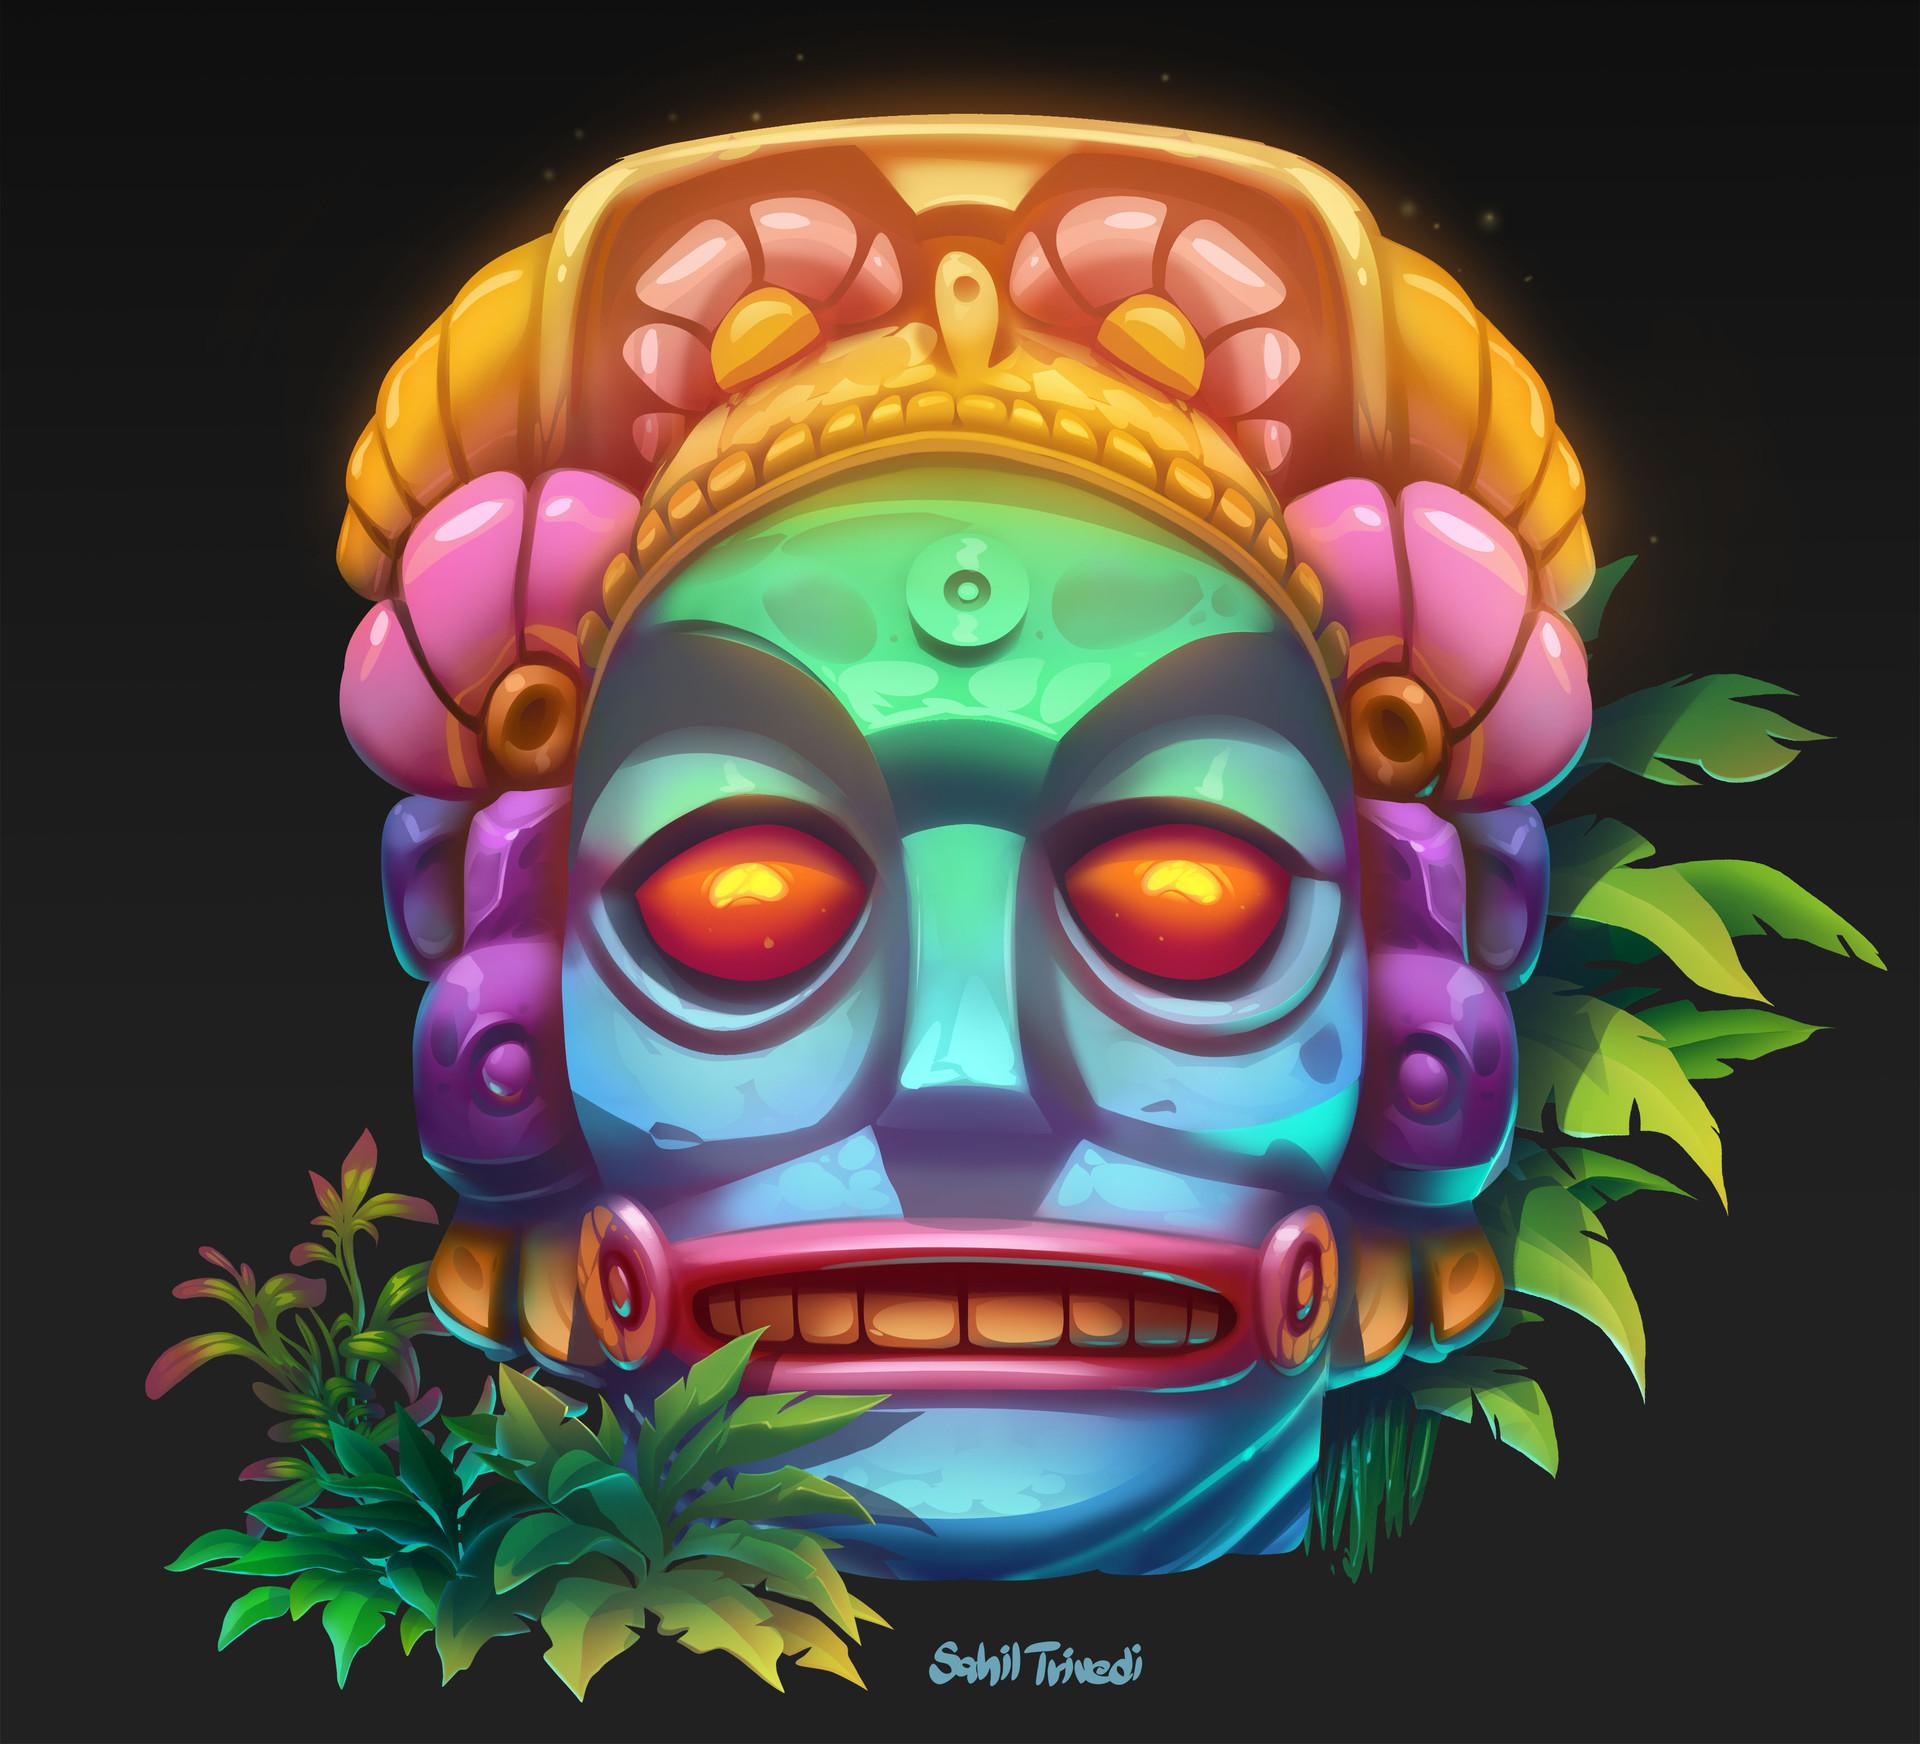 Sahil trivedi mayan sculpture6